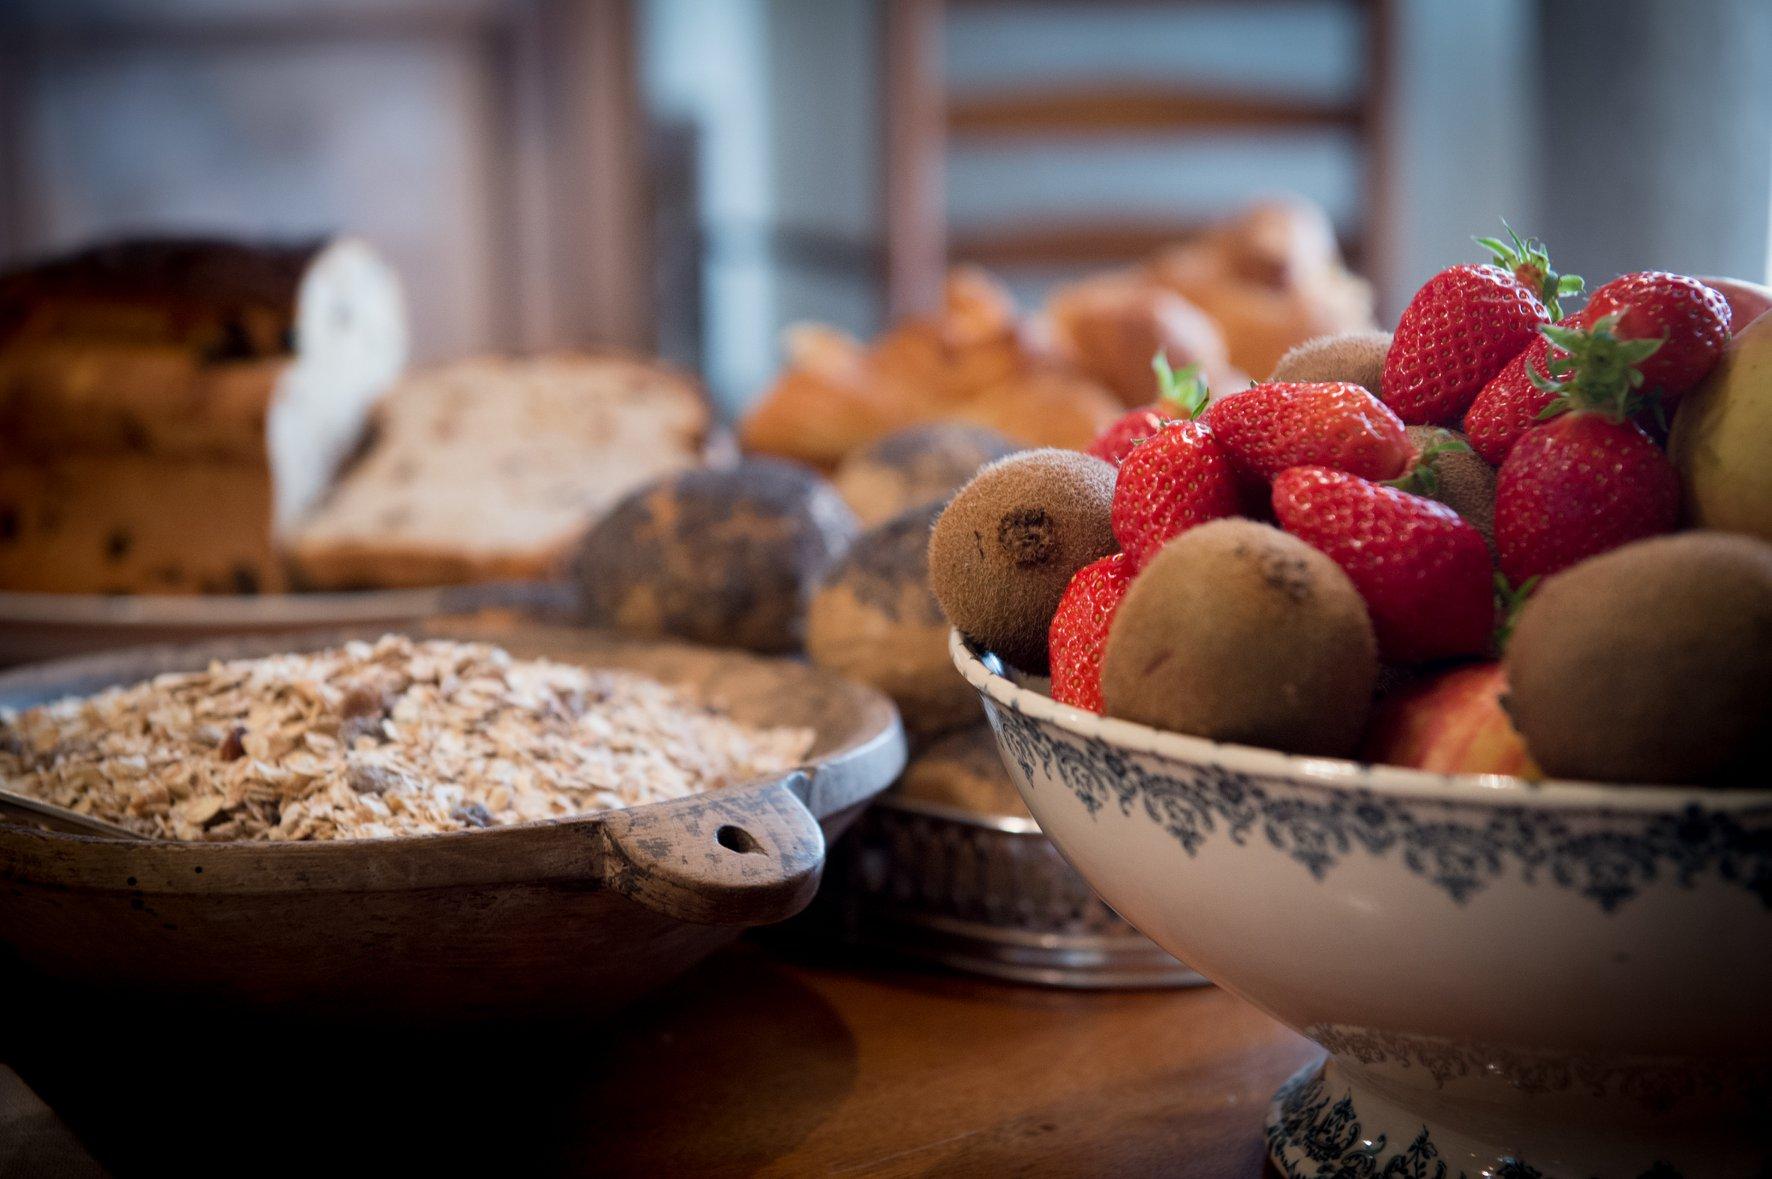 Le Rêve d'Aghon chambre d'hôte Bagnères de Bigorre petit déjeuner 2